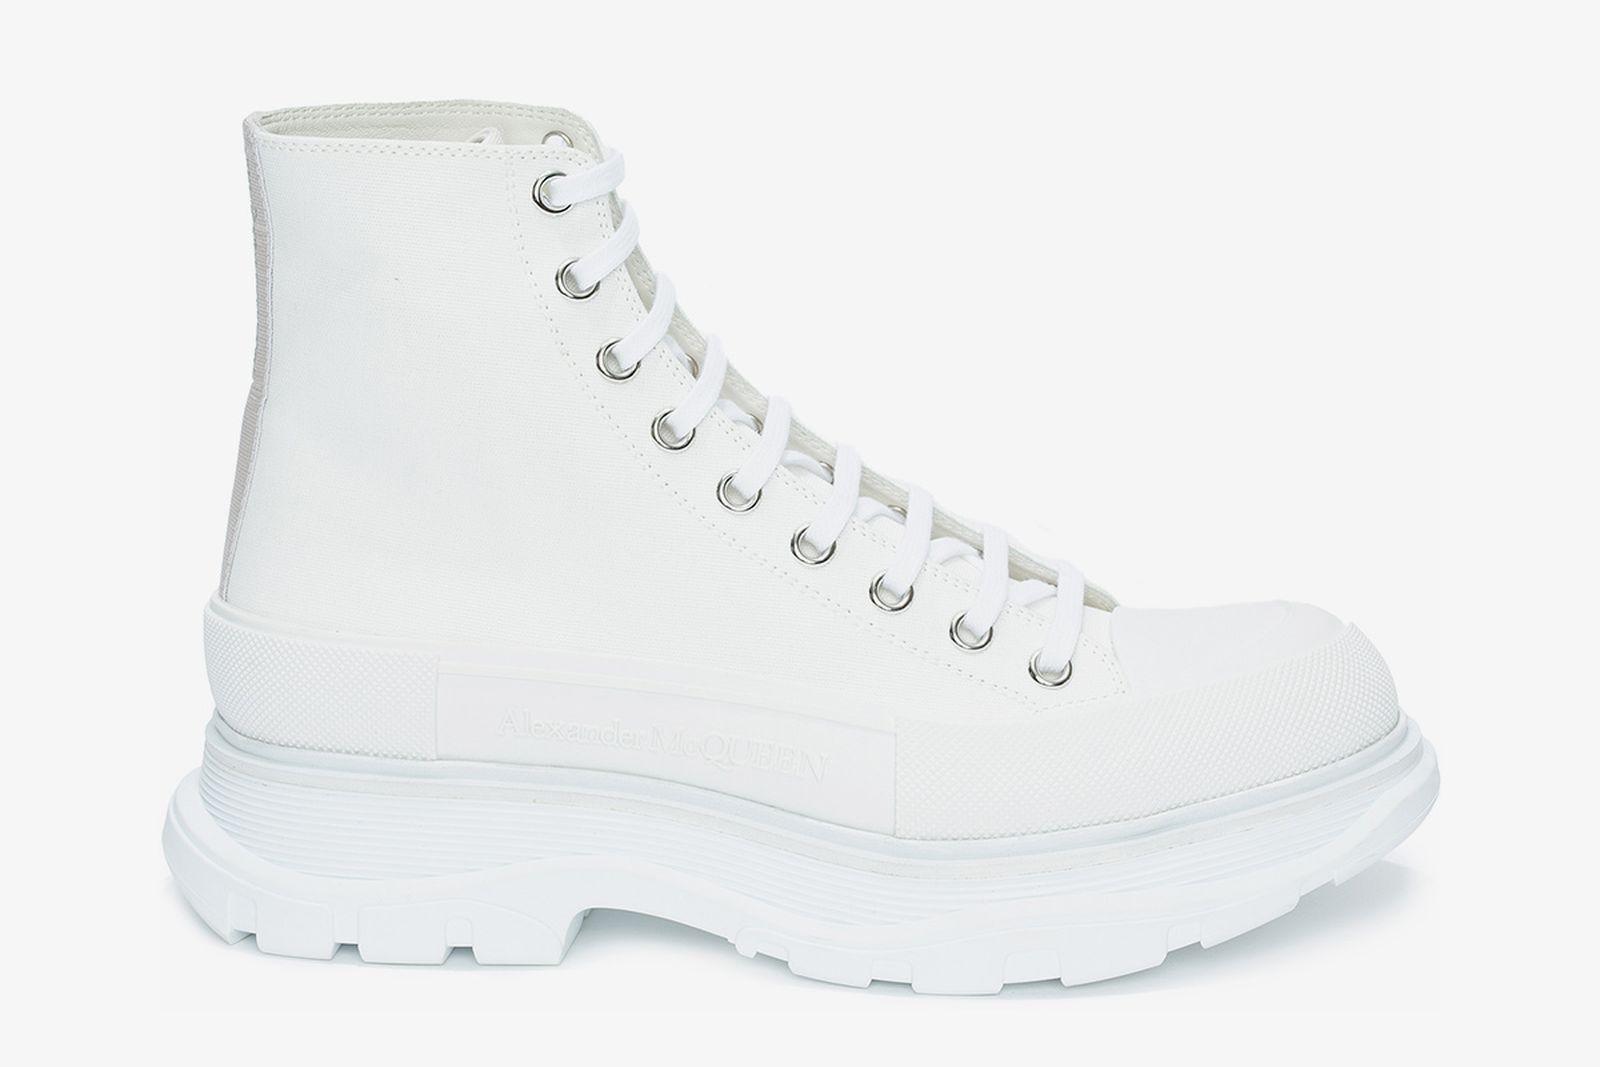 alexander-mcqueen-tread-slick-release-date-price-product-05